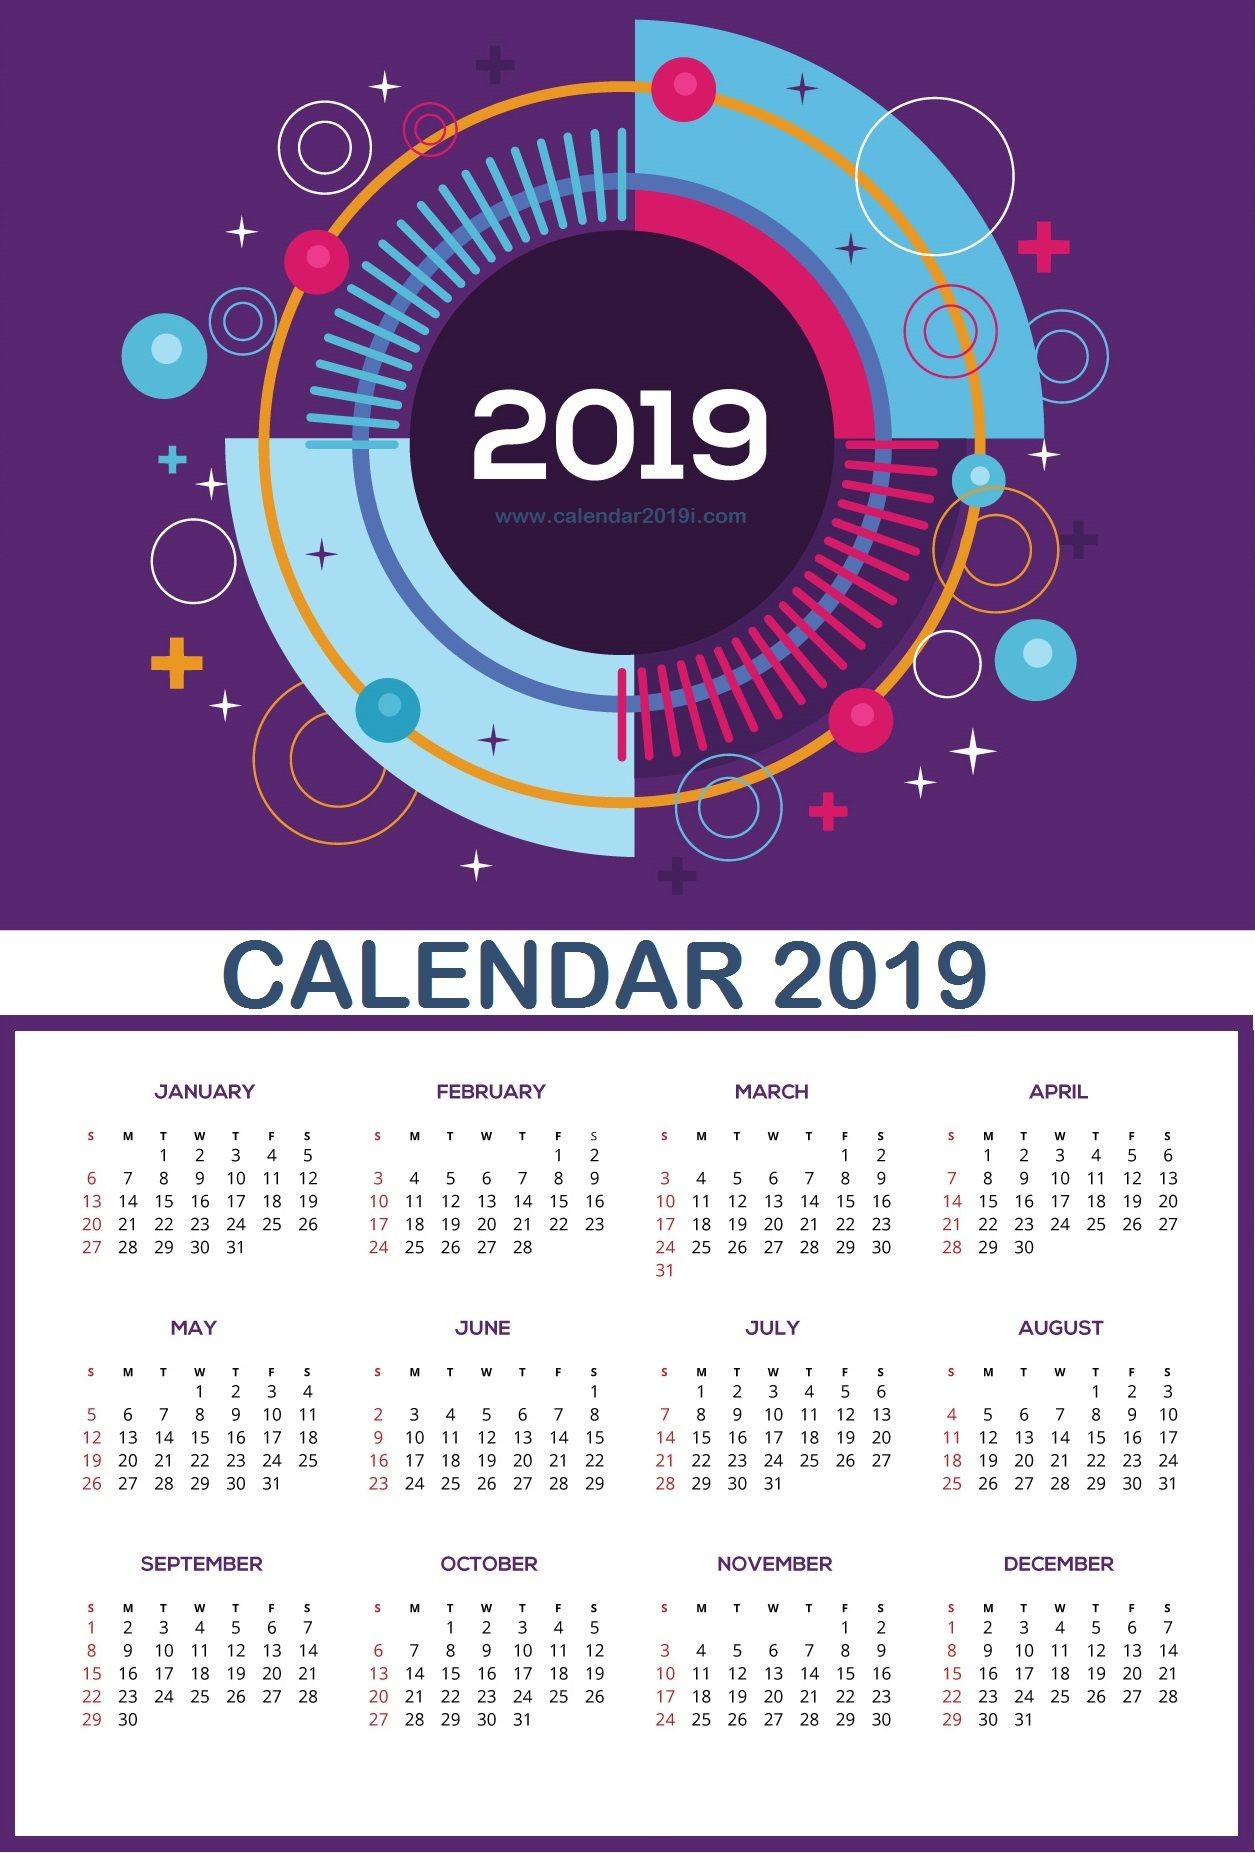 Calendario Para Imprimir 2019 Janeiro Recientes Wall Calendar 2019 Planner Pinterest Of Calendario Para Imprimir 2019 Janeiro Más Recientemente Liberado Root